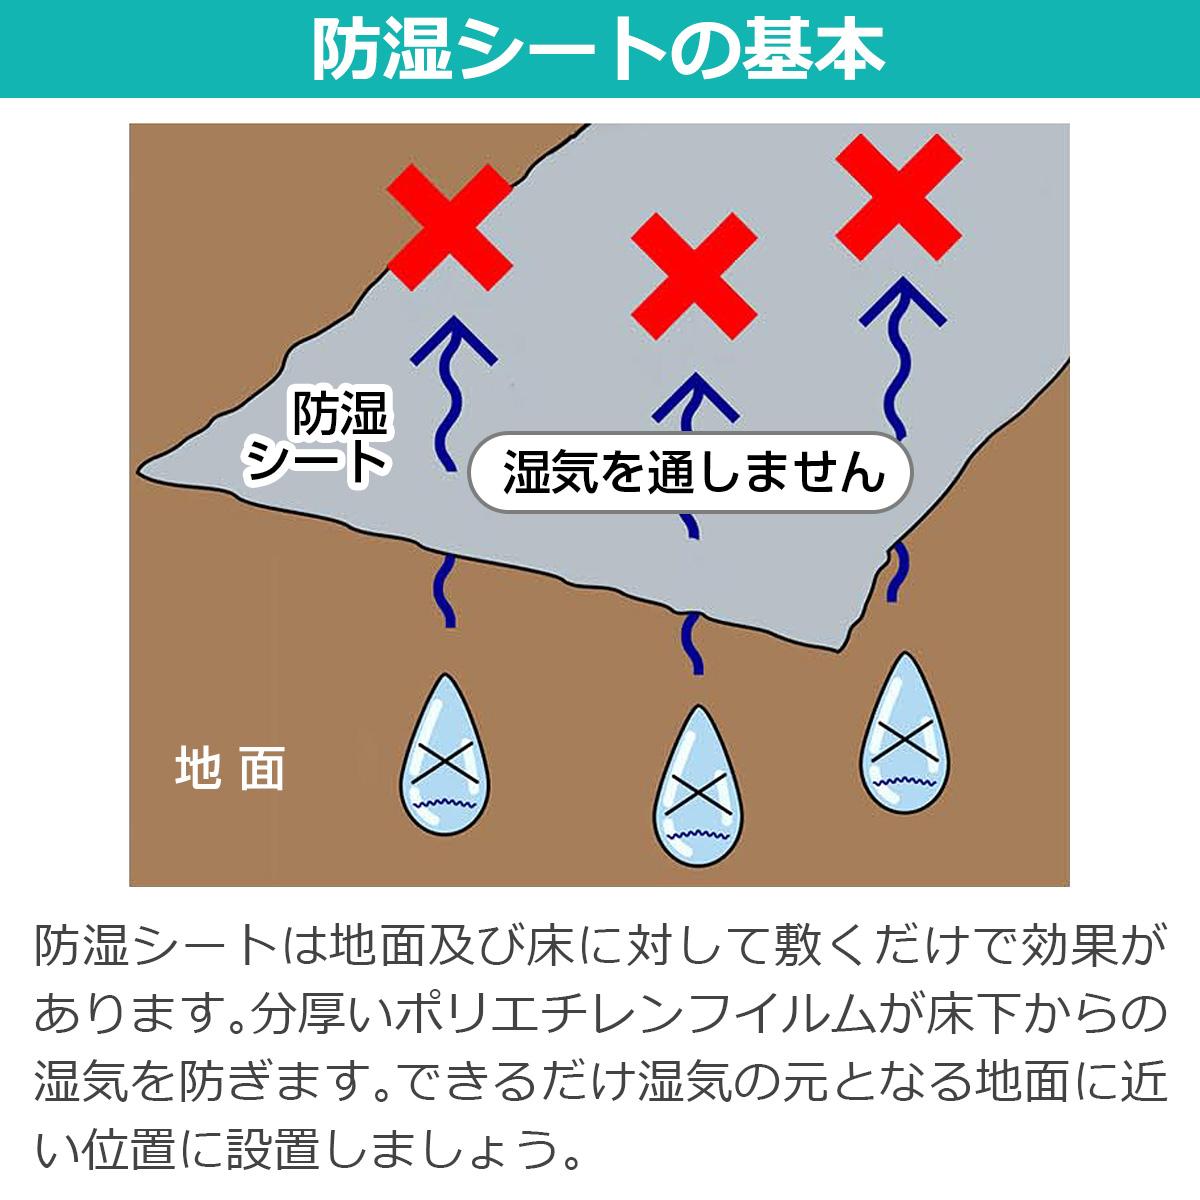 防湿シートの基本 防湿シートは地面及び床に対して敷くだけで効果があります。分厚いポリエチレンフイルムが床下からの湿気を防ぎます。できるだけ湿気の元となる地面に近い位置に設置しましょう。